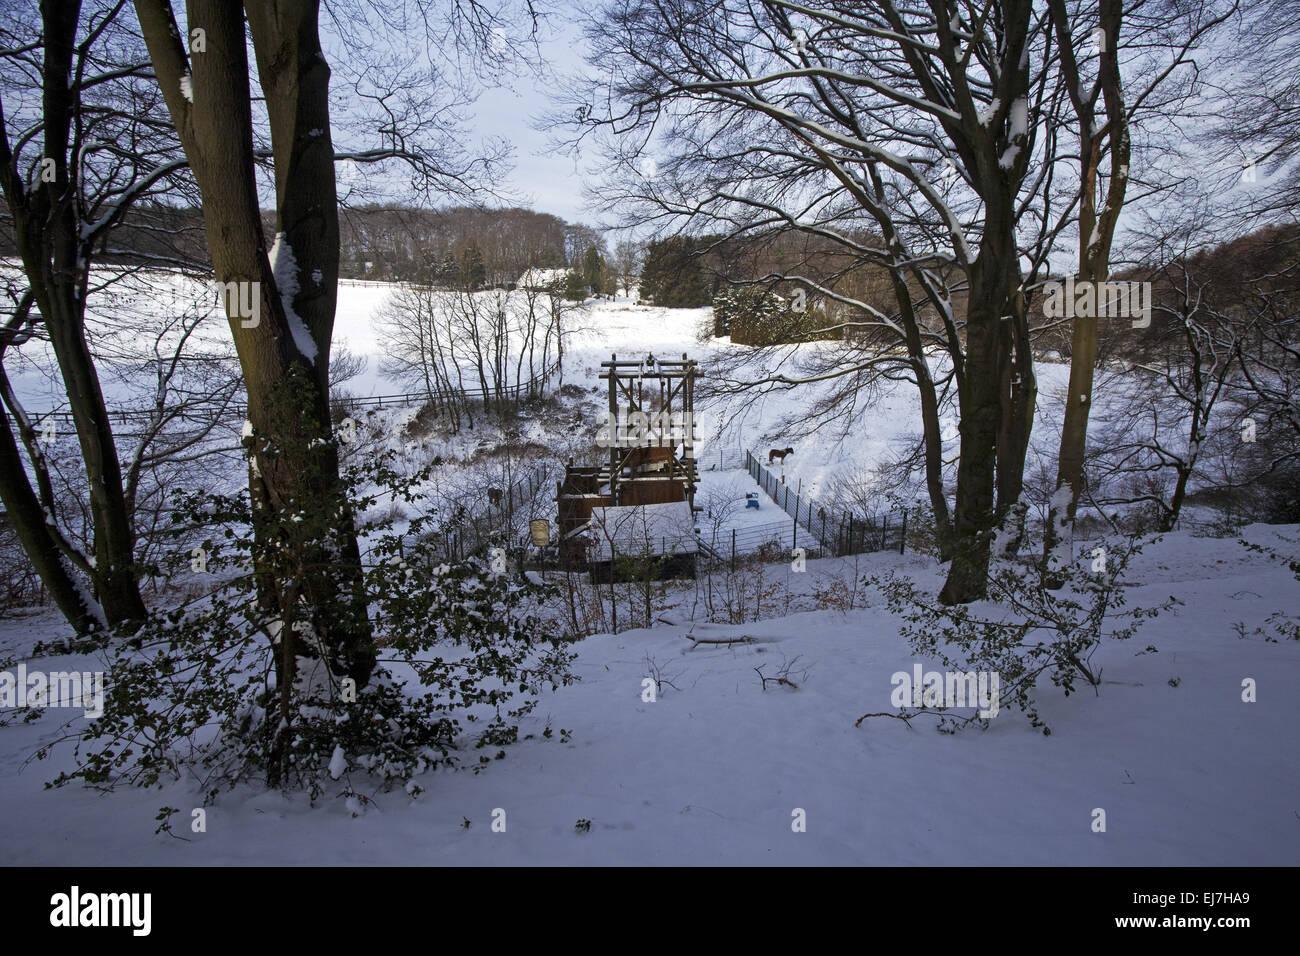 Landscape colliery Egbert, Witten, Germany - Stock Image